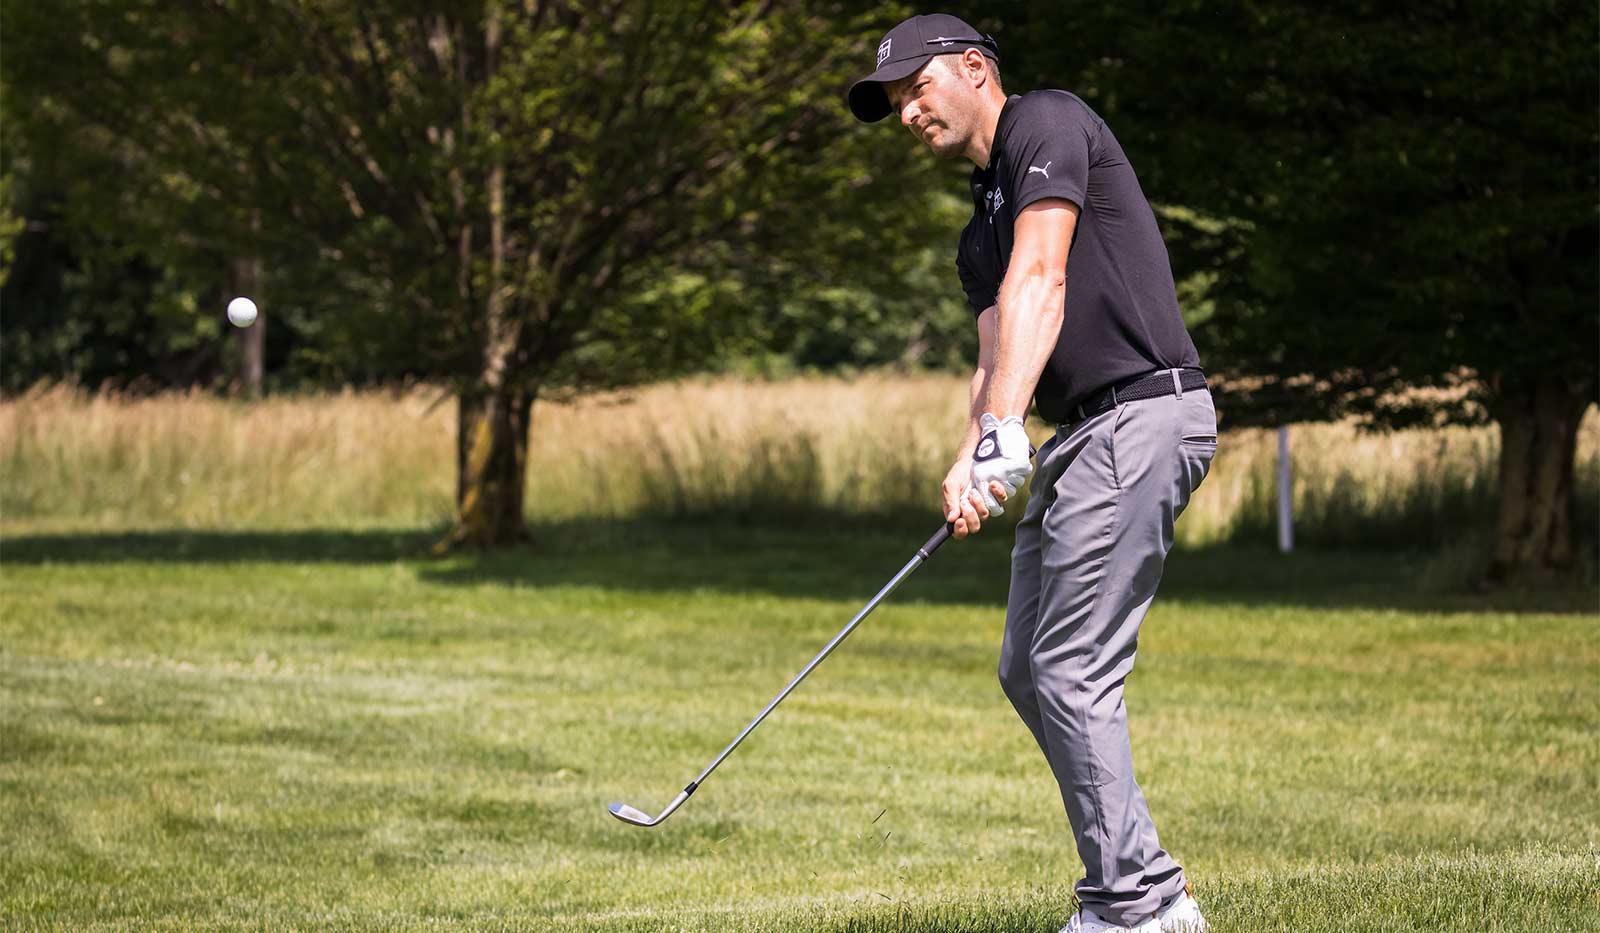 Marcel Schneider Puma Golf